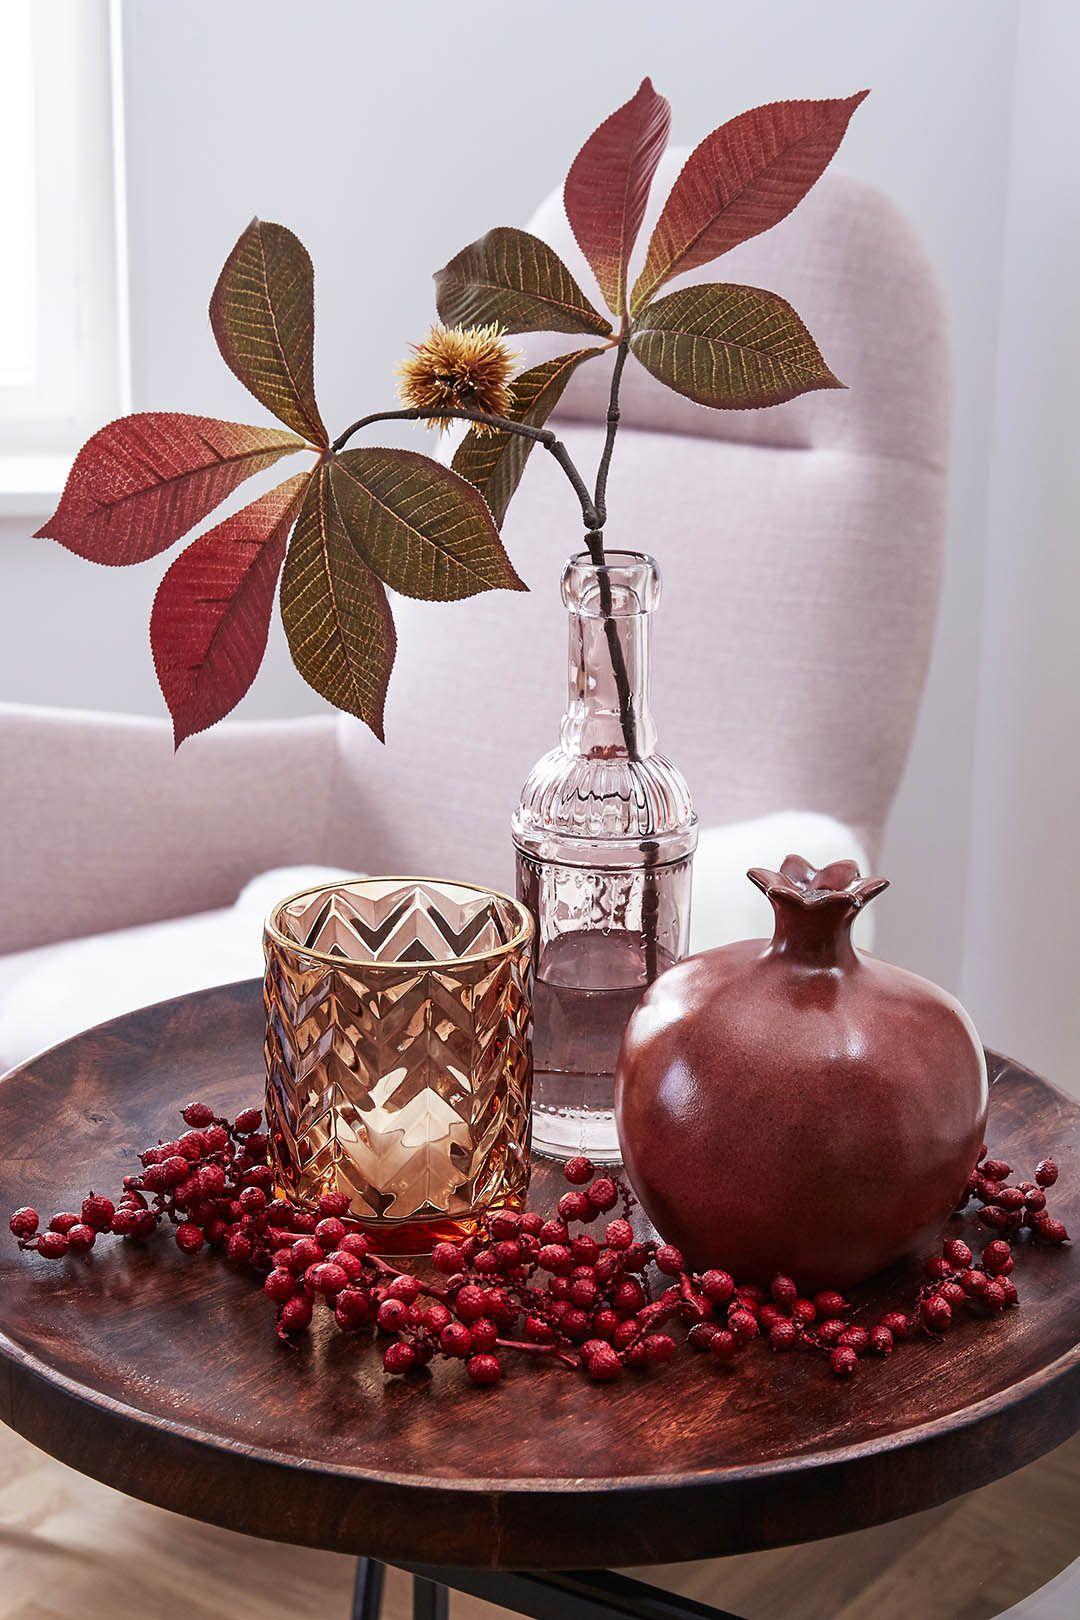 Herbstliche Stimmung für Dein Wohnzimmer auf einem Tablett oder in einer Vase